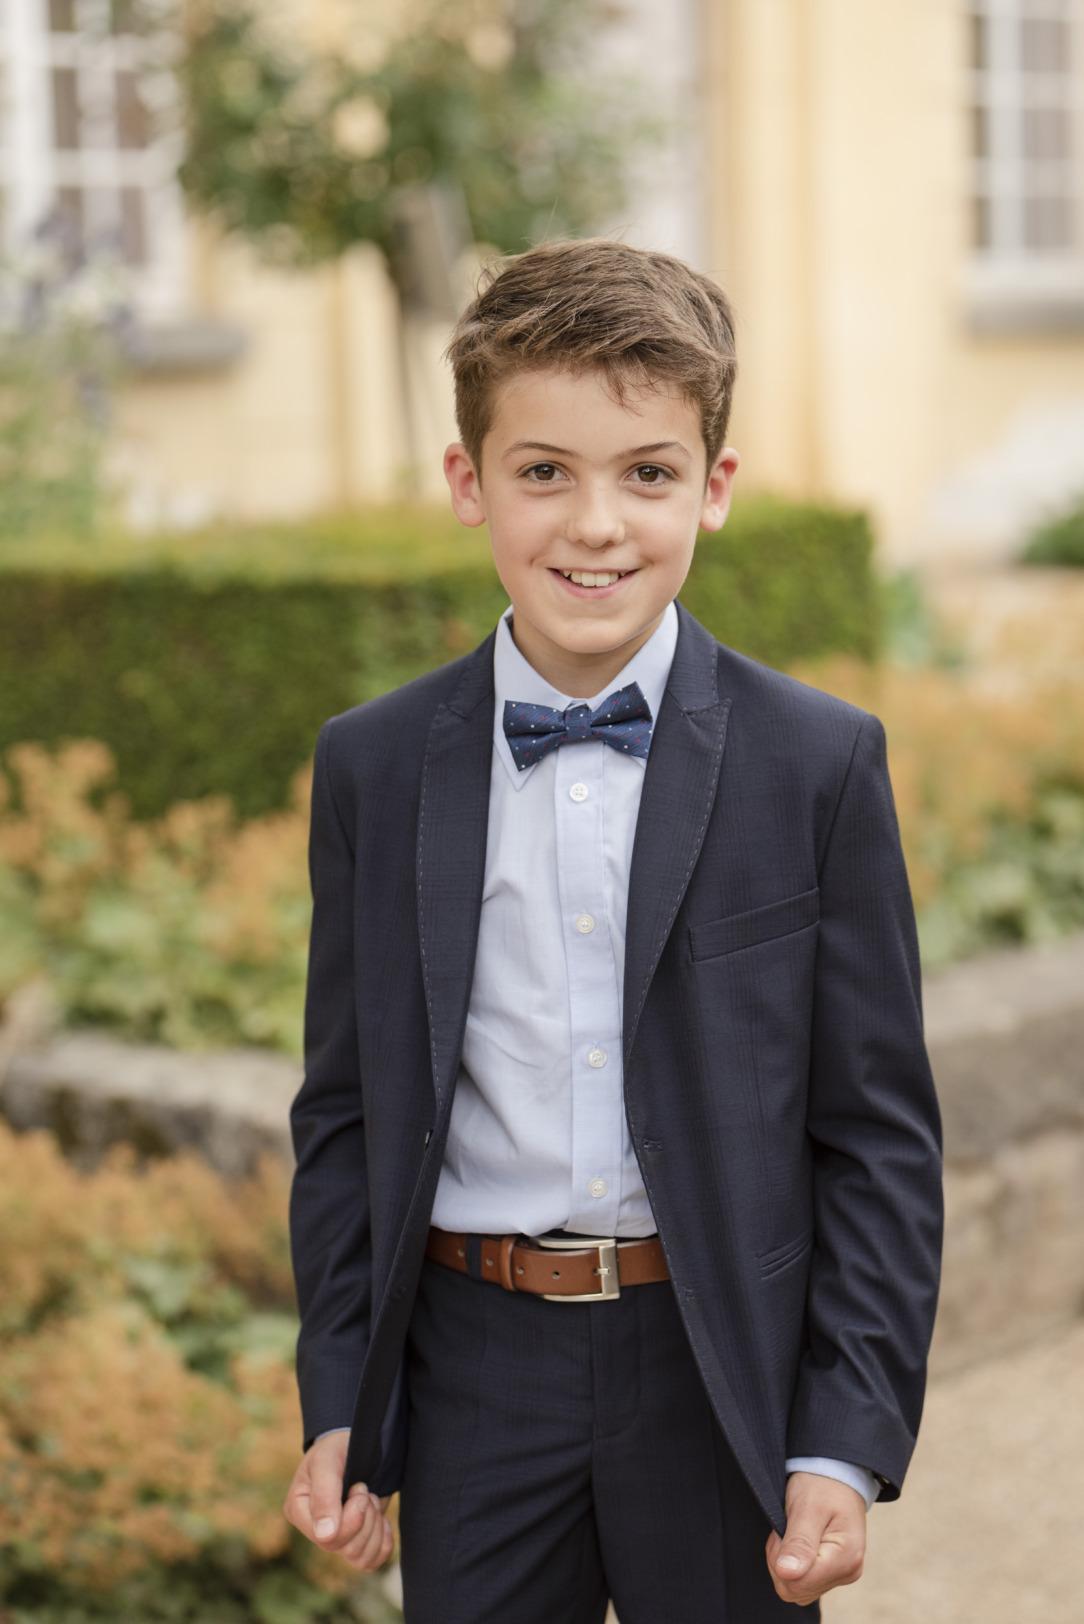 Lässiger Kommunion Anzug für Jungen von Weise Junior - Modell 7516351. Sakko und passende Hose in dunkelblau mit attraktiver Fliege.